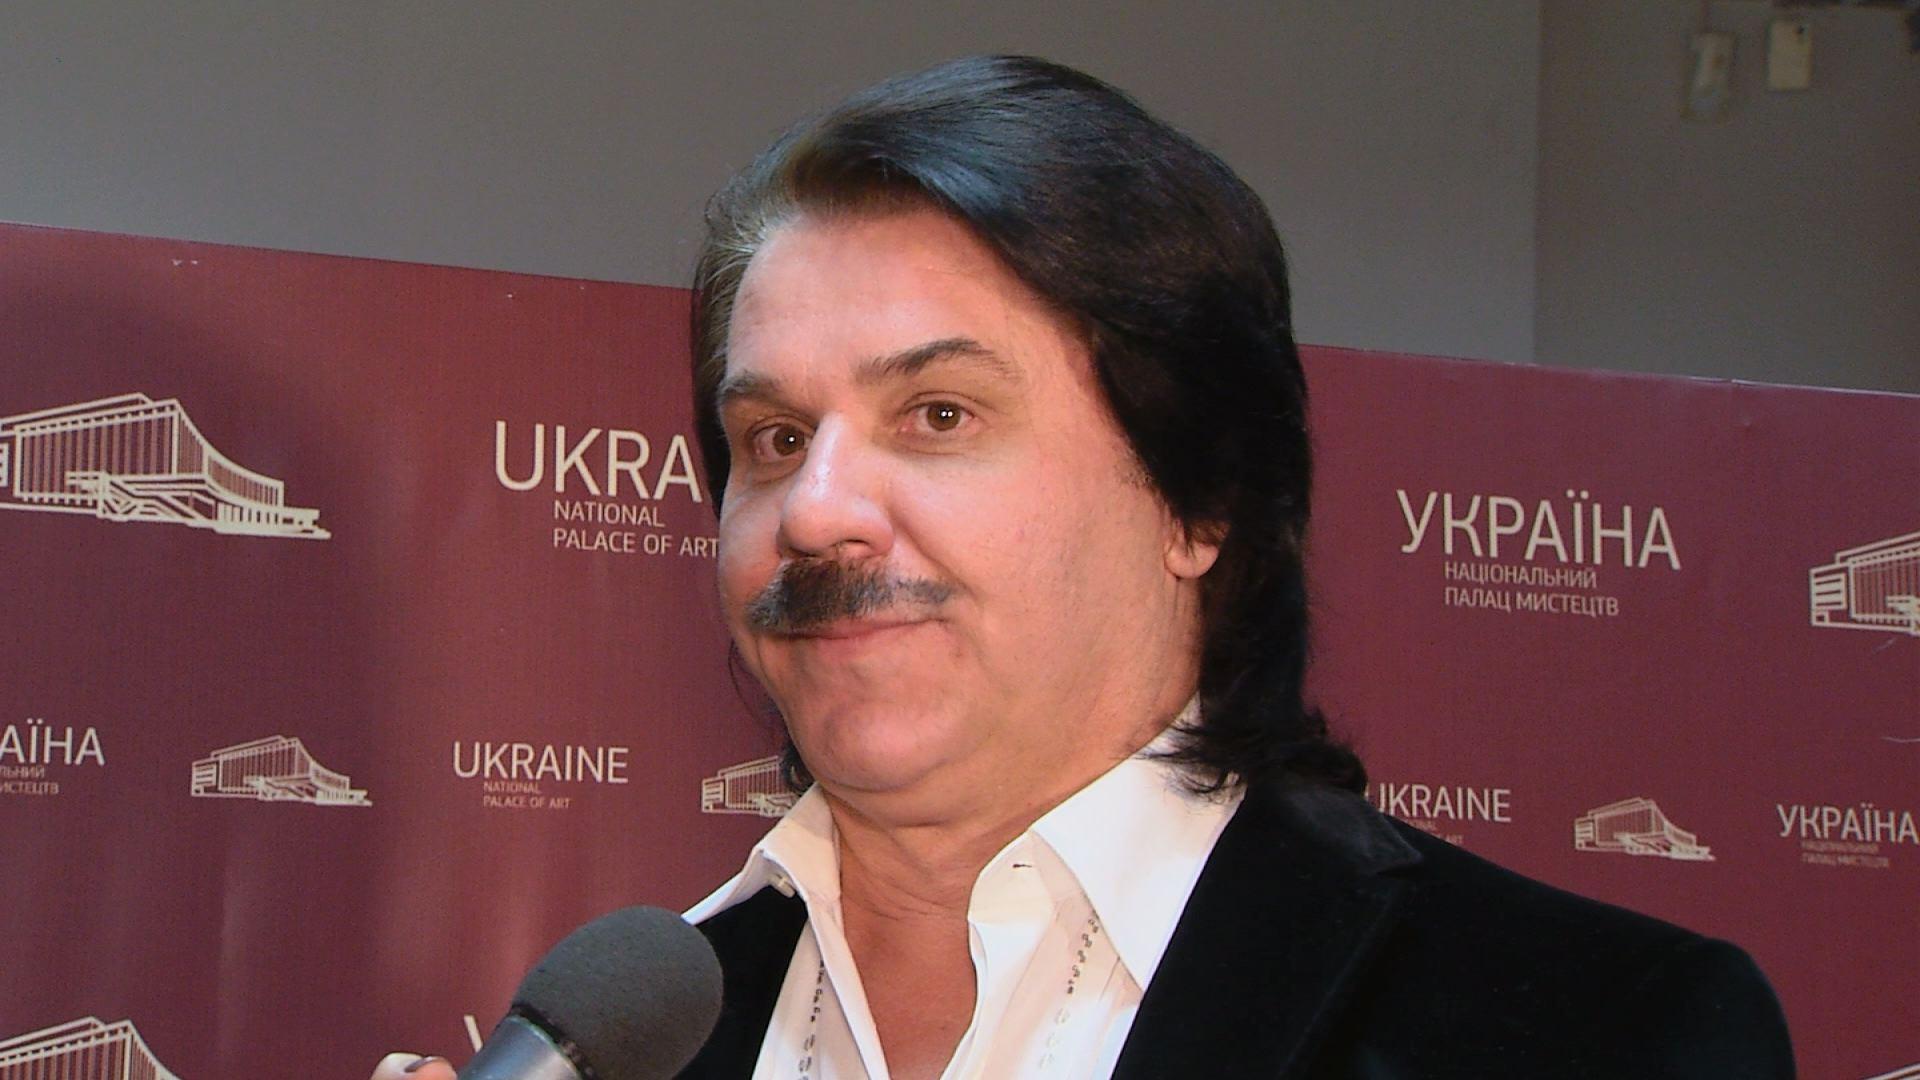 Народный артист Украины: Всем понятно, что война на Донбассе выгодна украинскому руководству